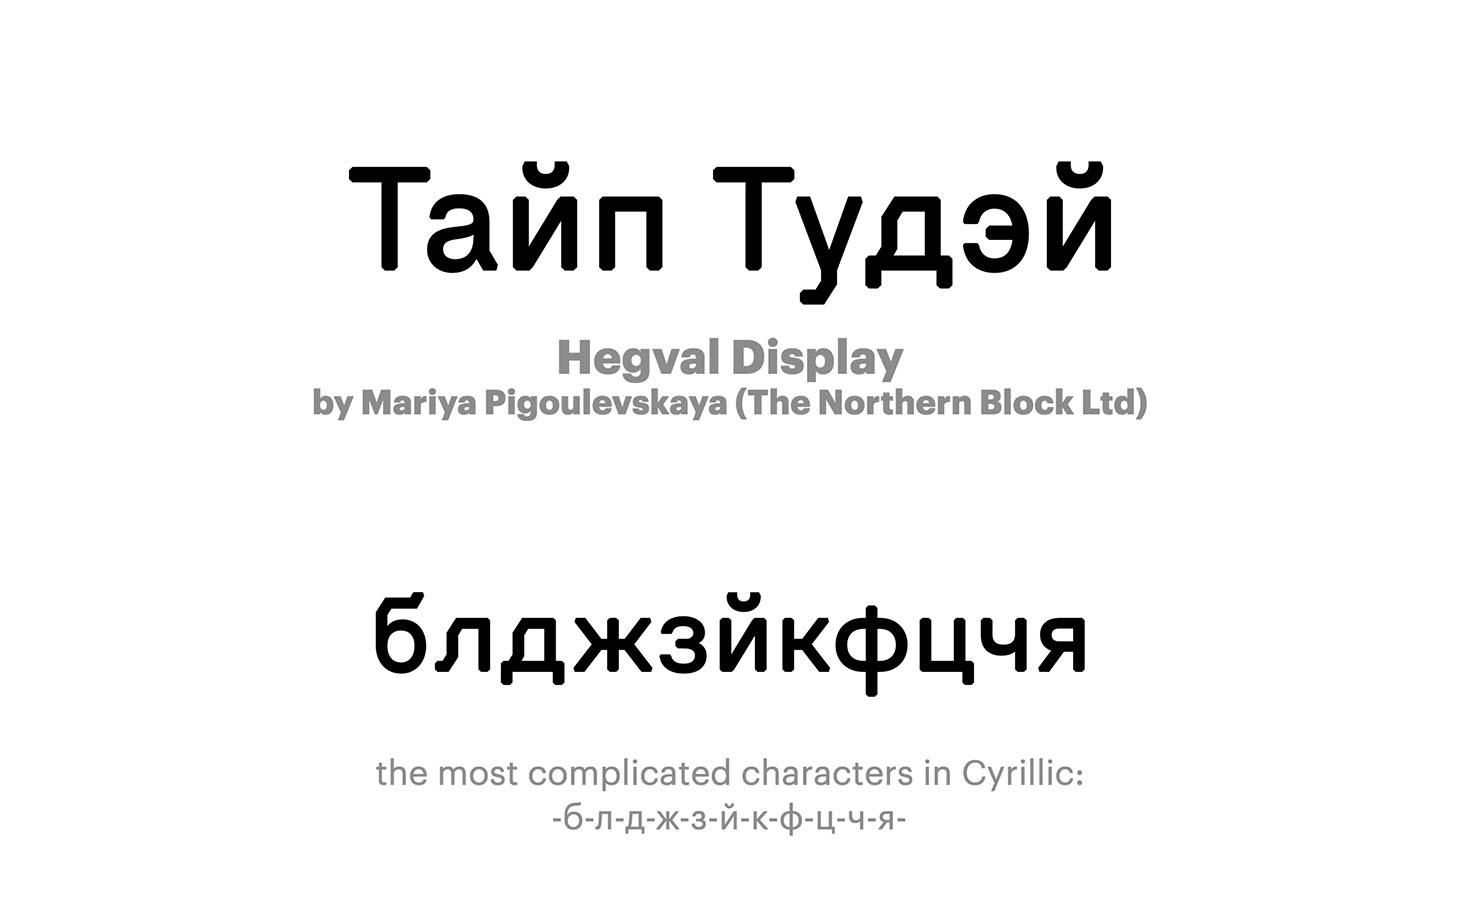 Hegval-Display